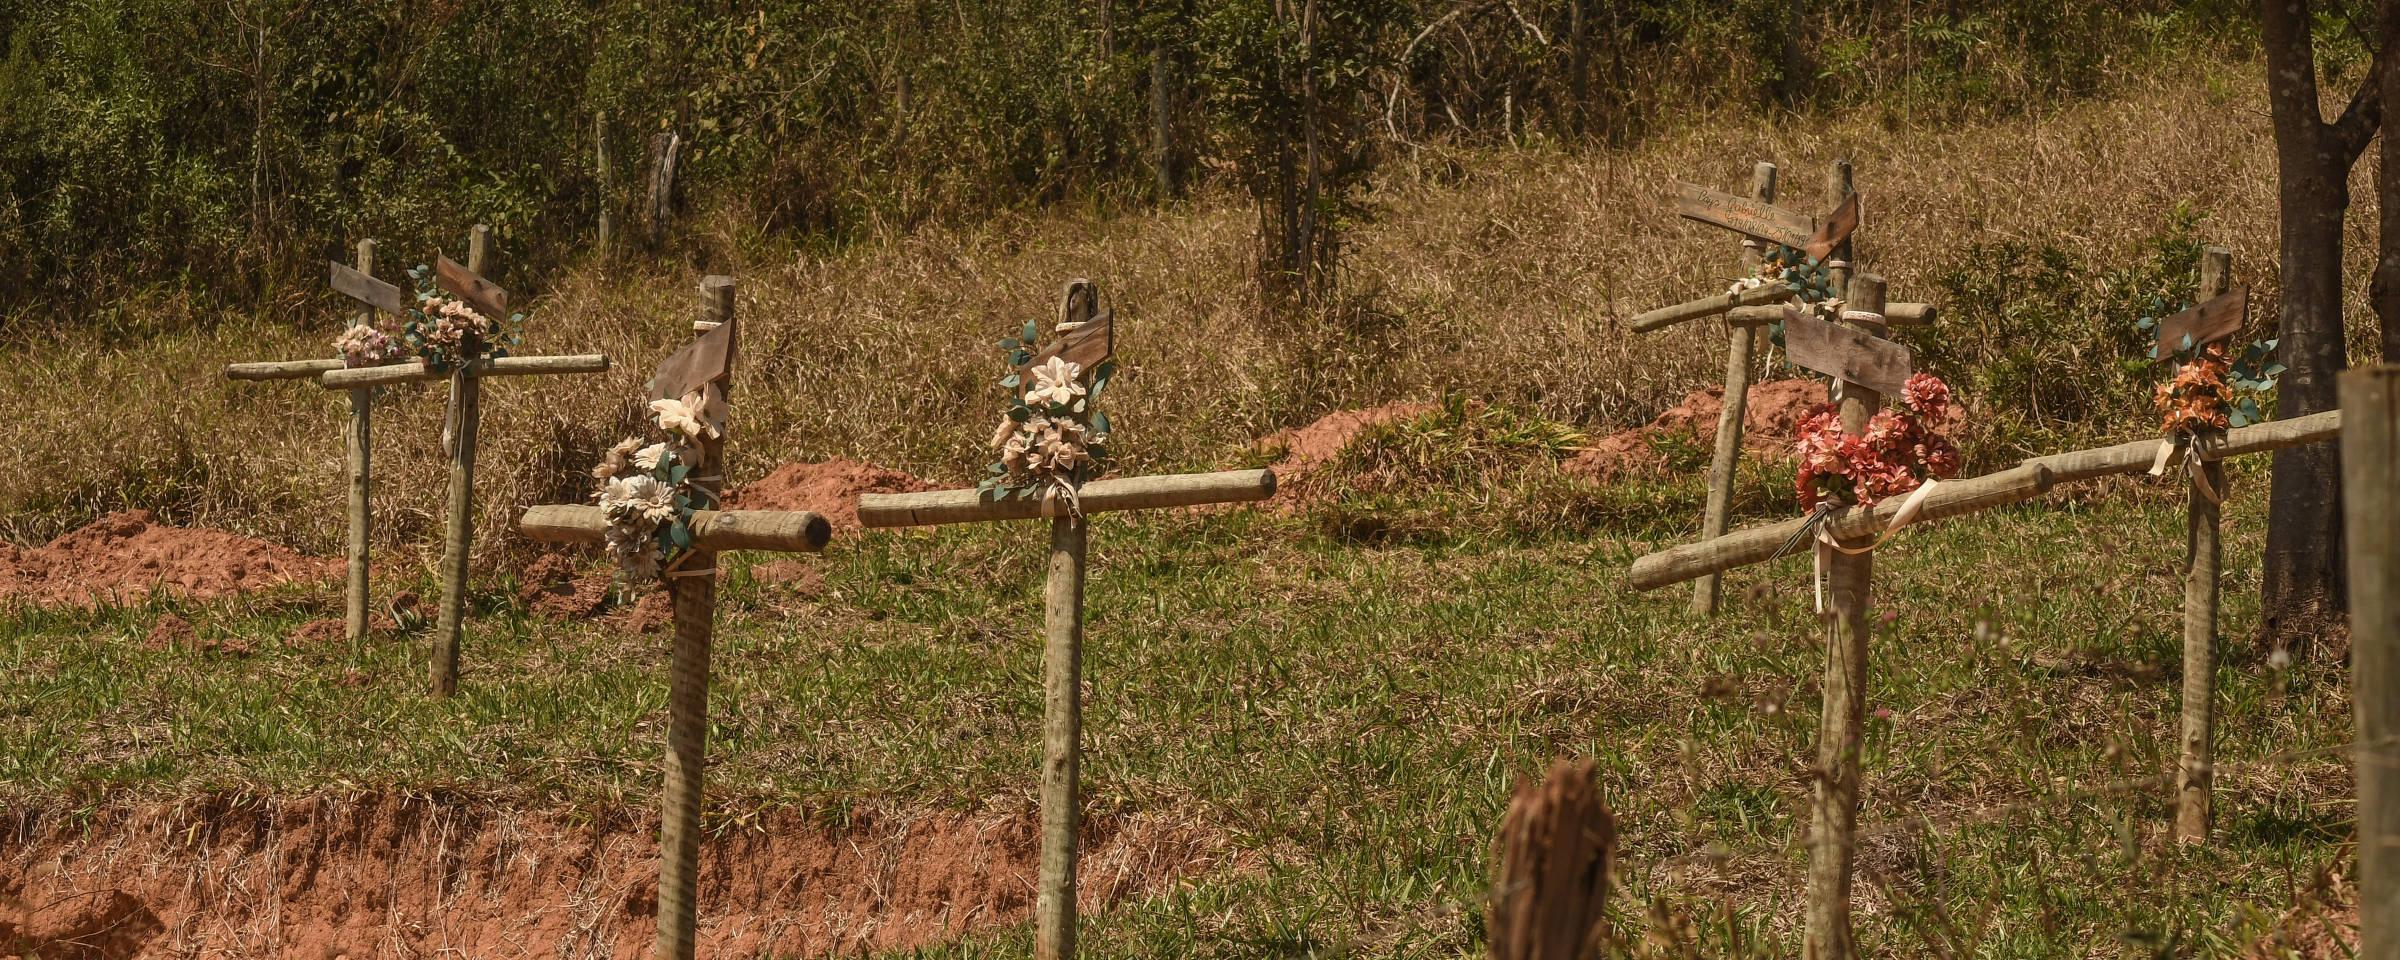 Cruzes de madeira com flores em terreno próximo ao local onde estava localizada a pousada.